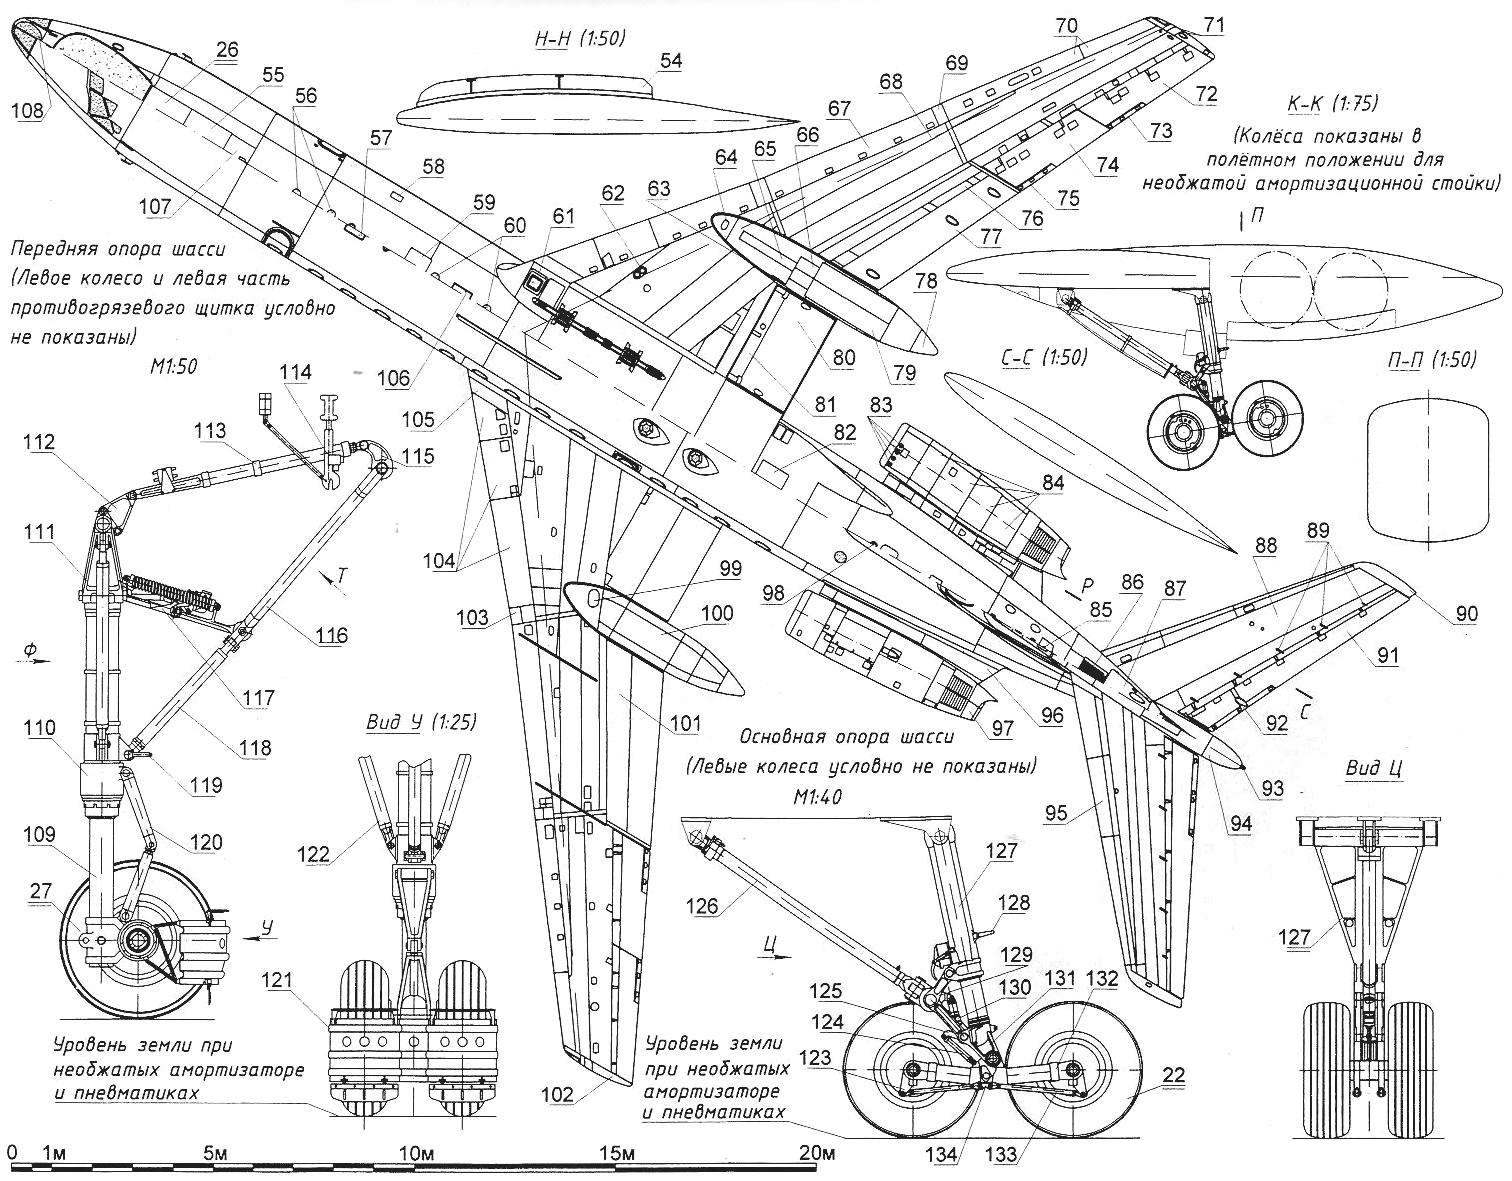 Training-chart Tu-134Ш